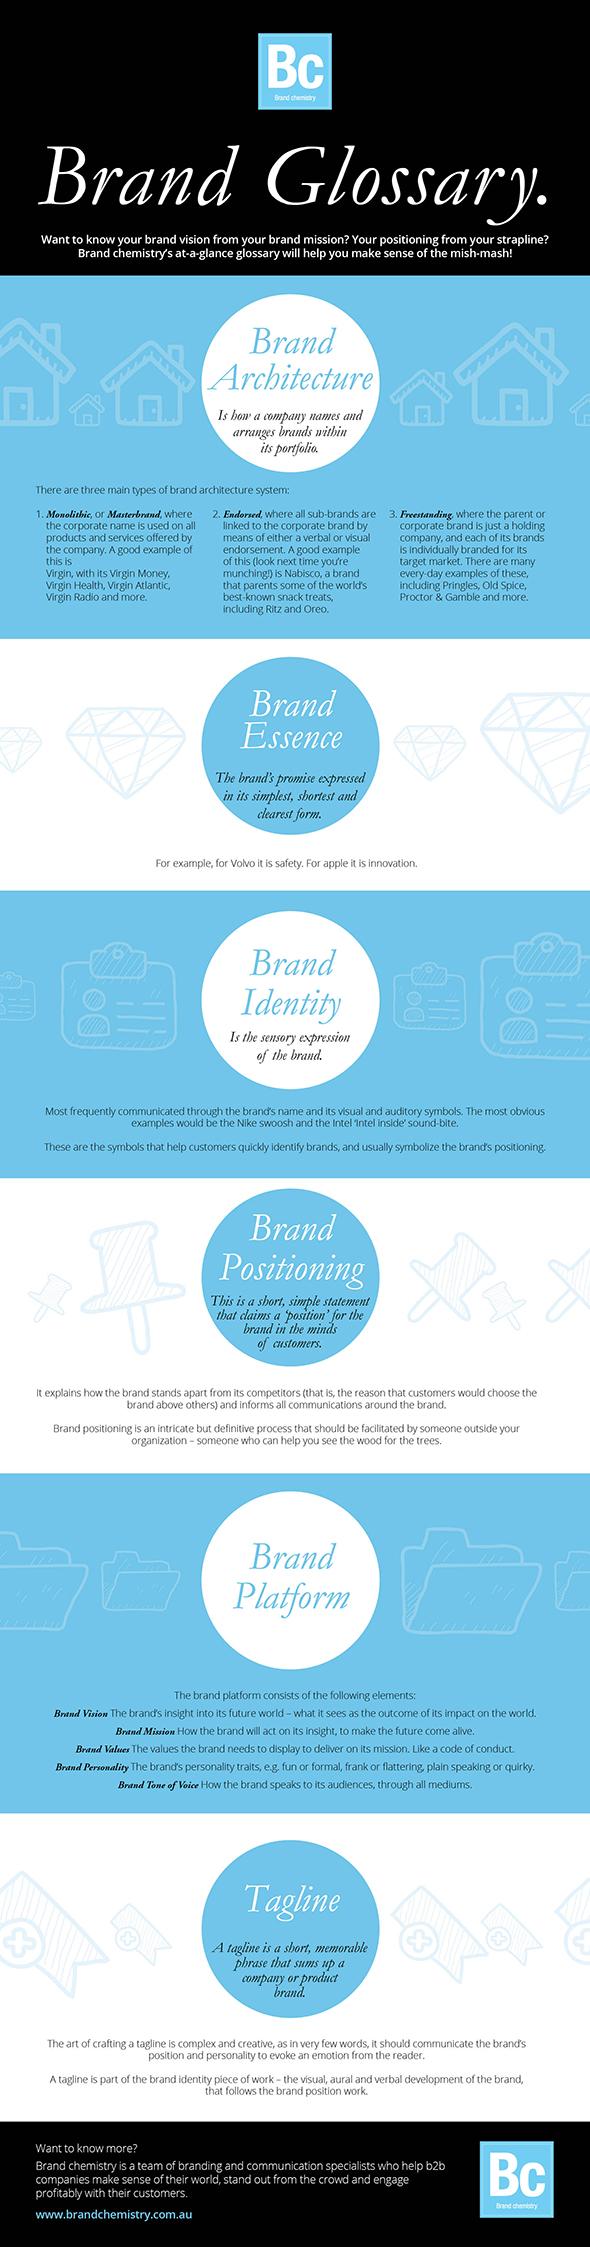 Brand chemistry glossary of brand terms